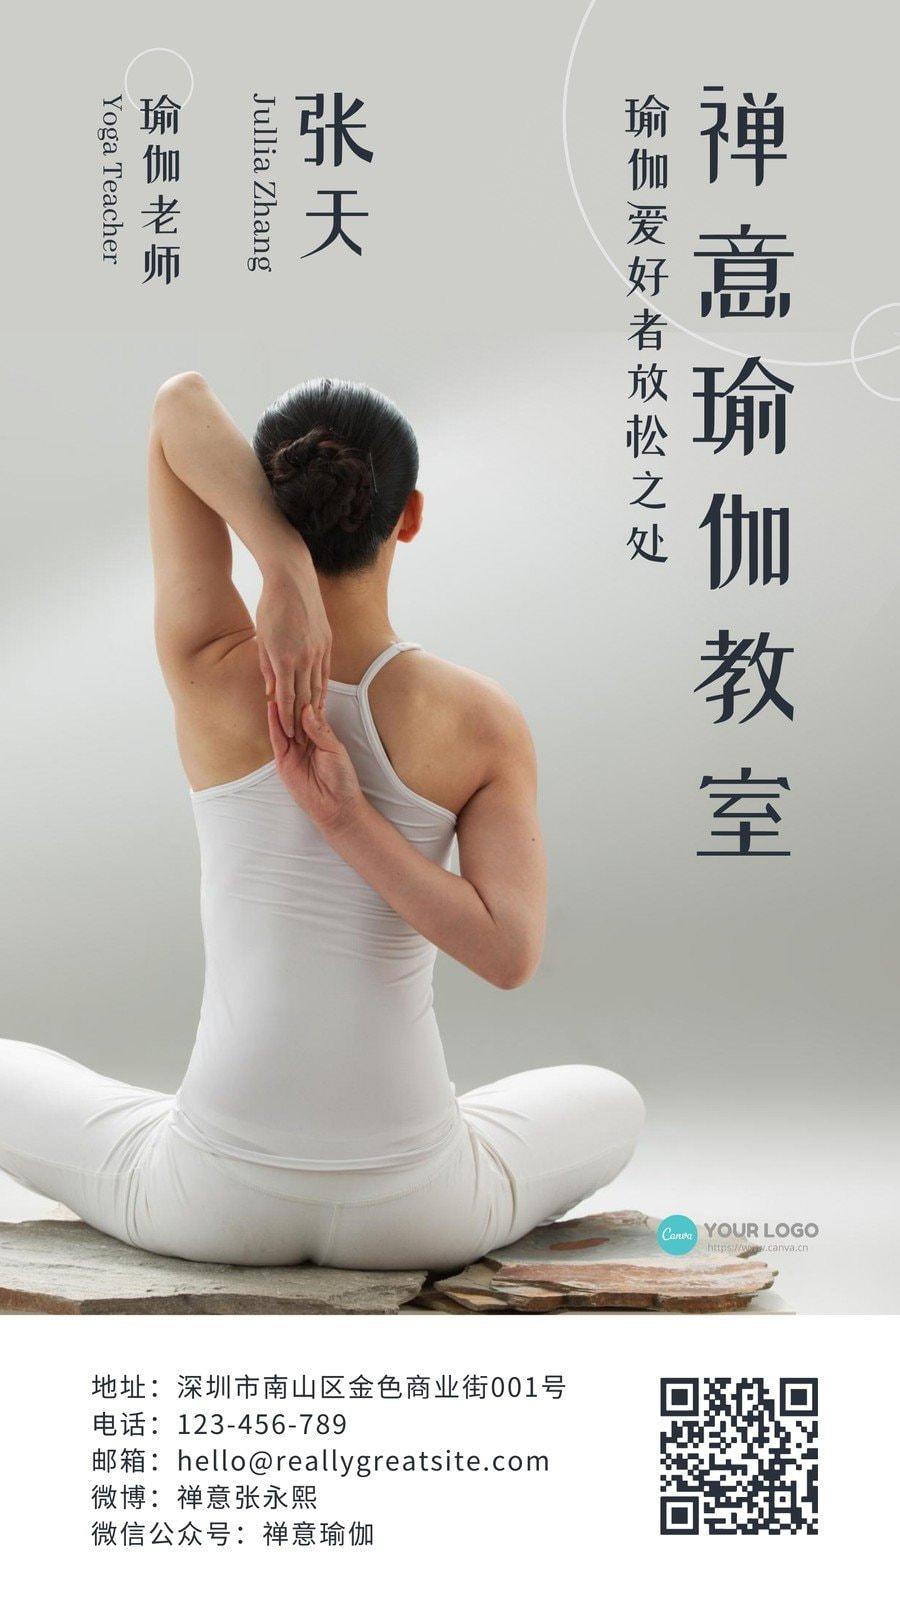 灰蓝色瑜伽健身运动照片运动健身介绍中文电子名片